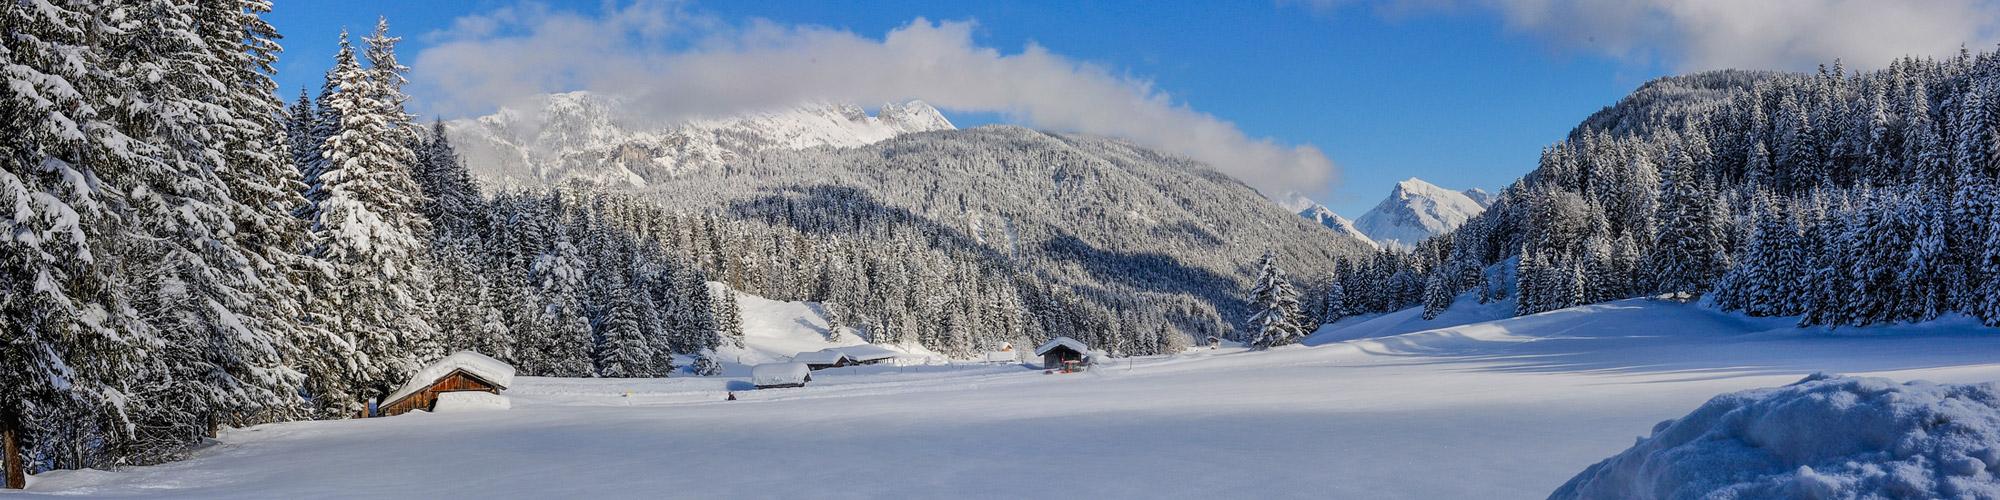 winter_leutasch